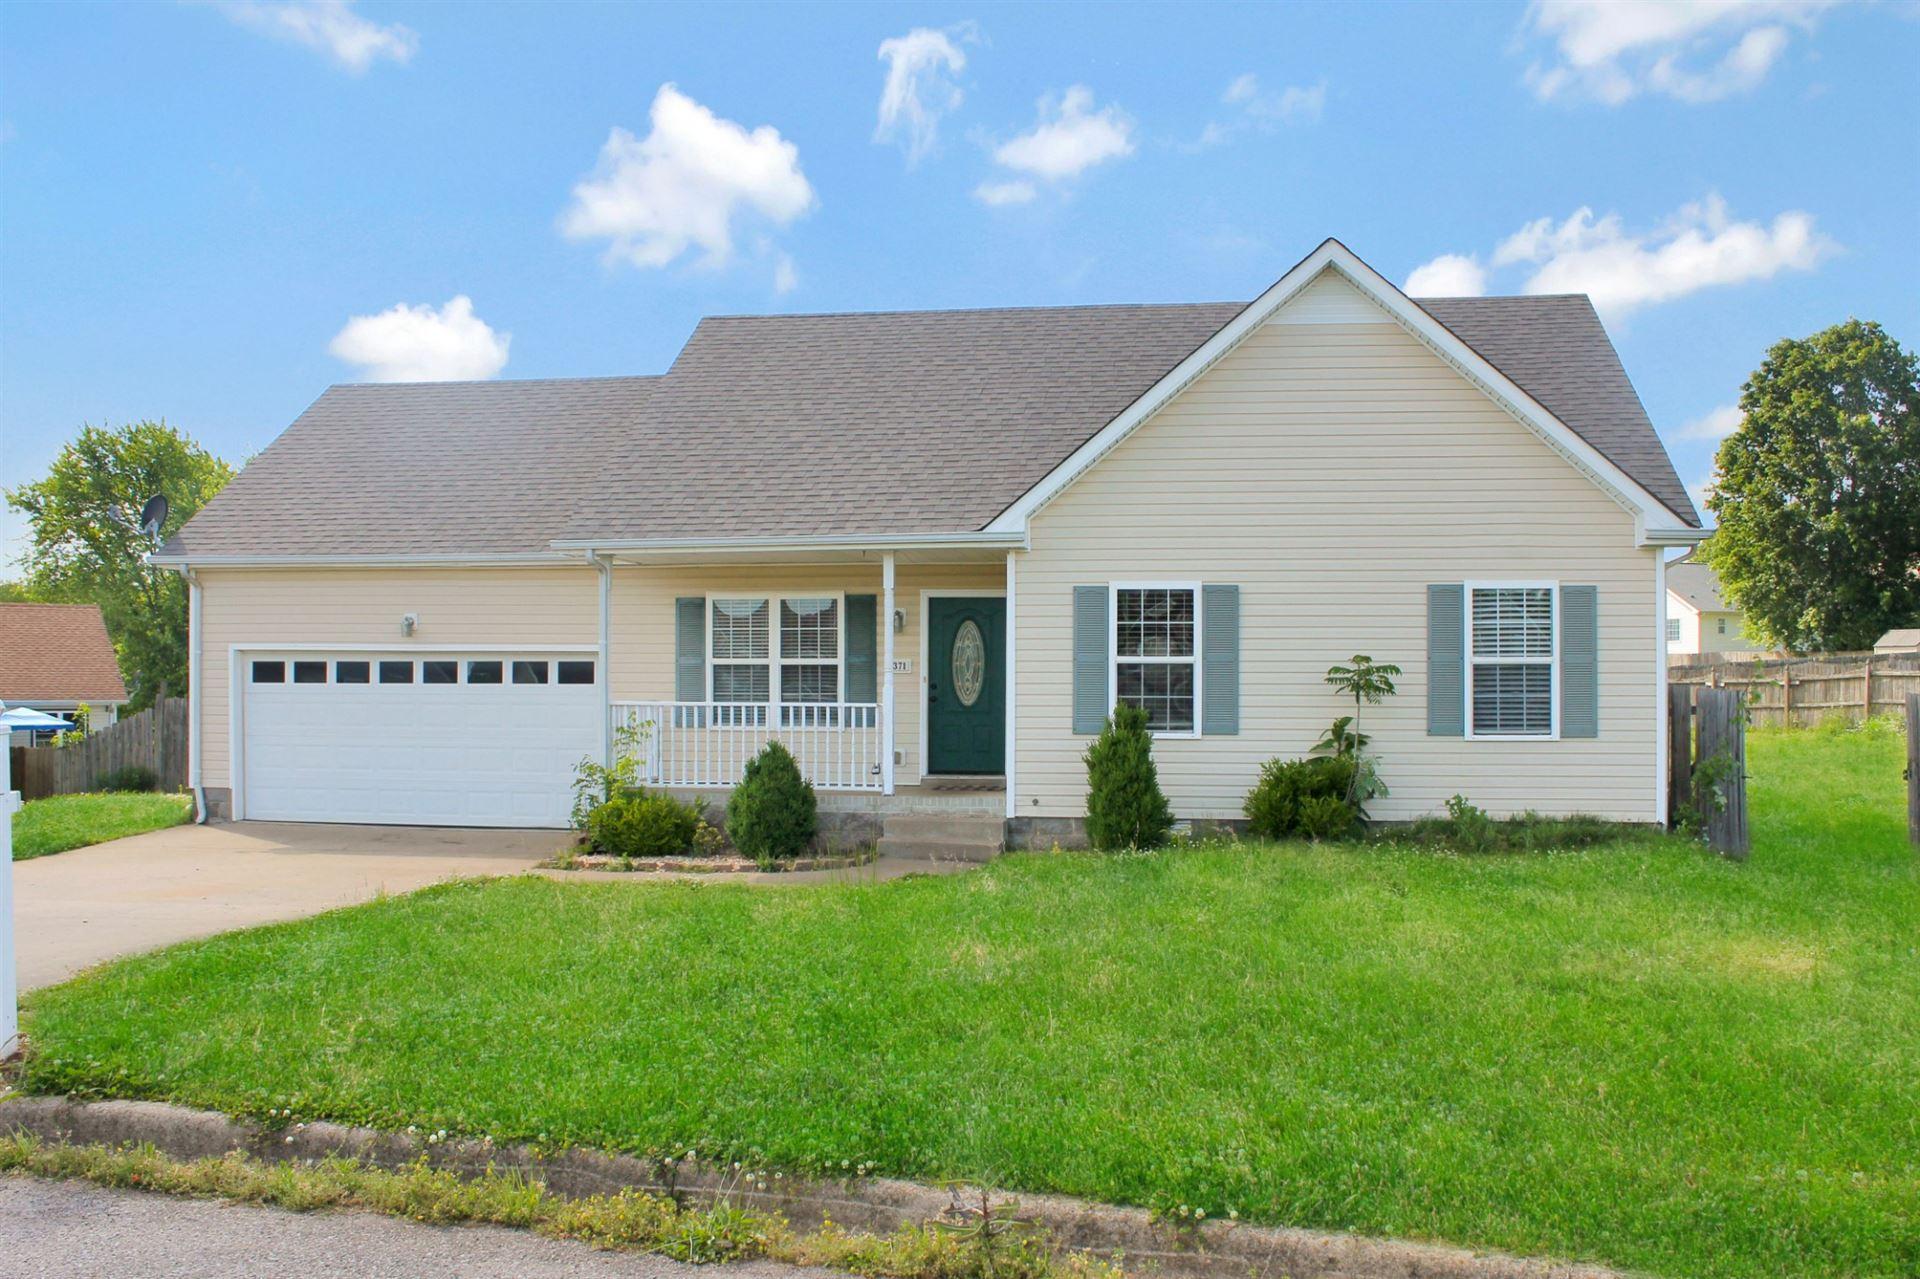 1371 Mackenzie Ct, Clarksville, TN 37042 - MLS#: 2254379